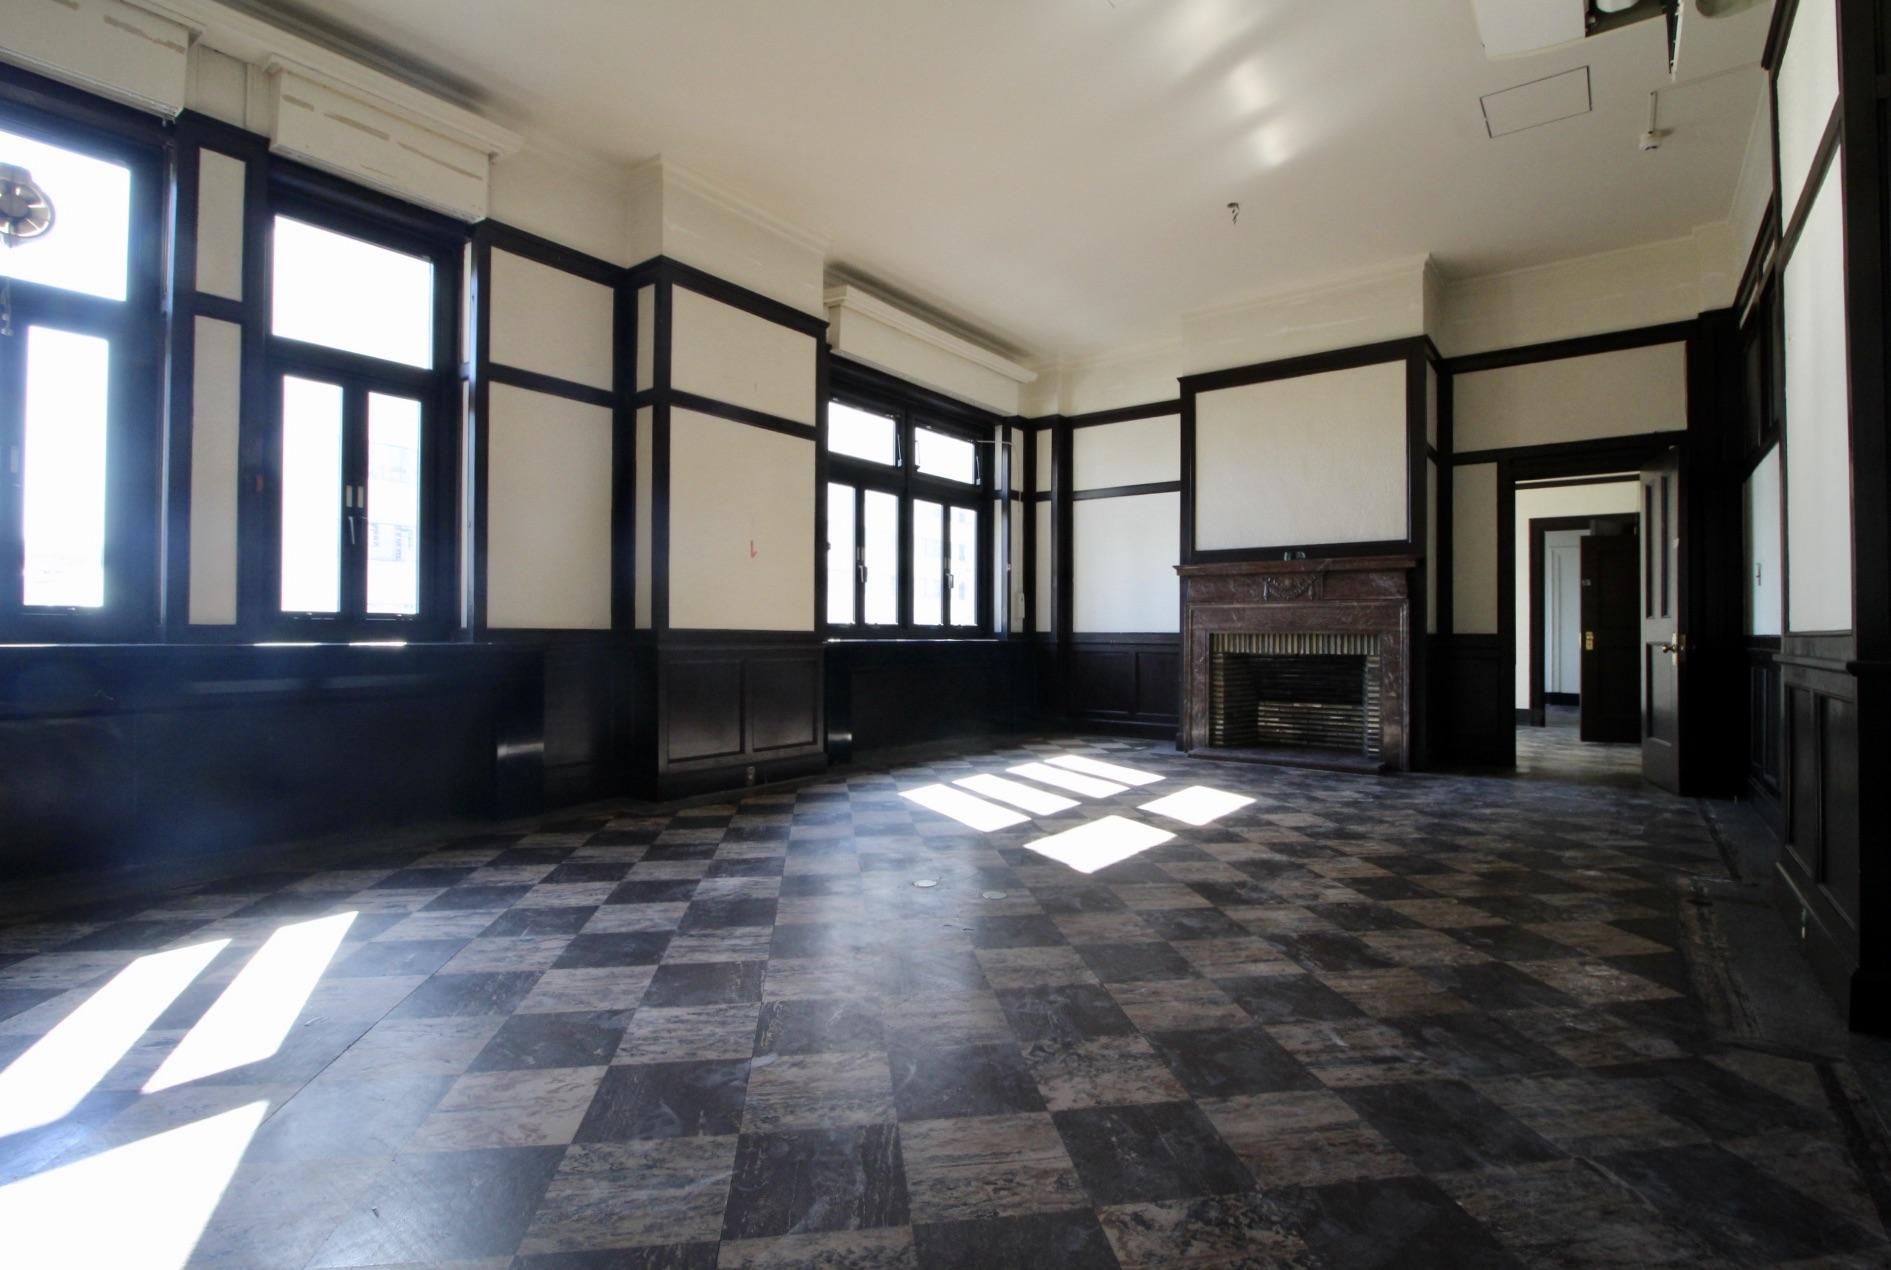 クラシックな腰壁や暖炉の残る洋間(5階)